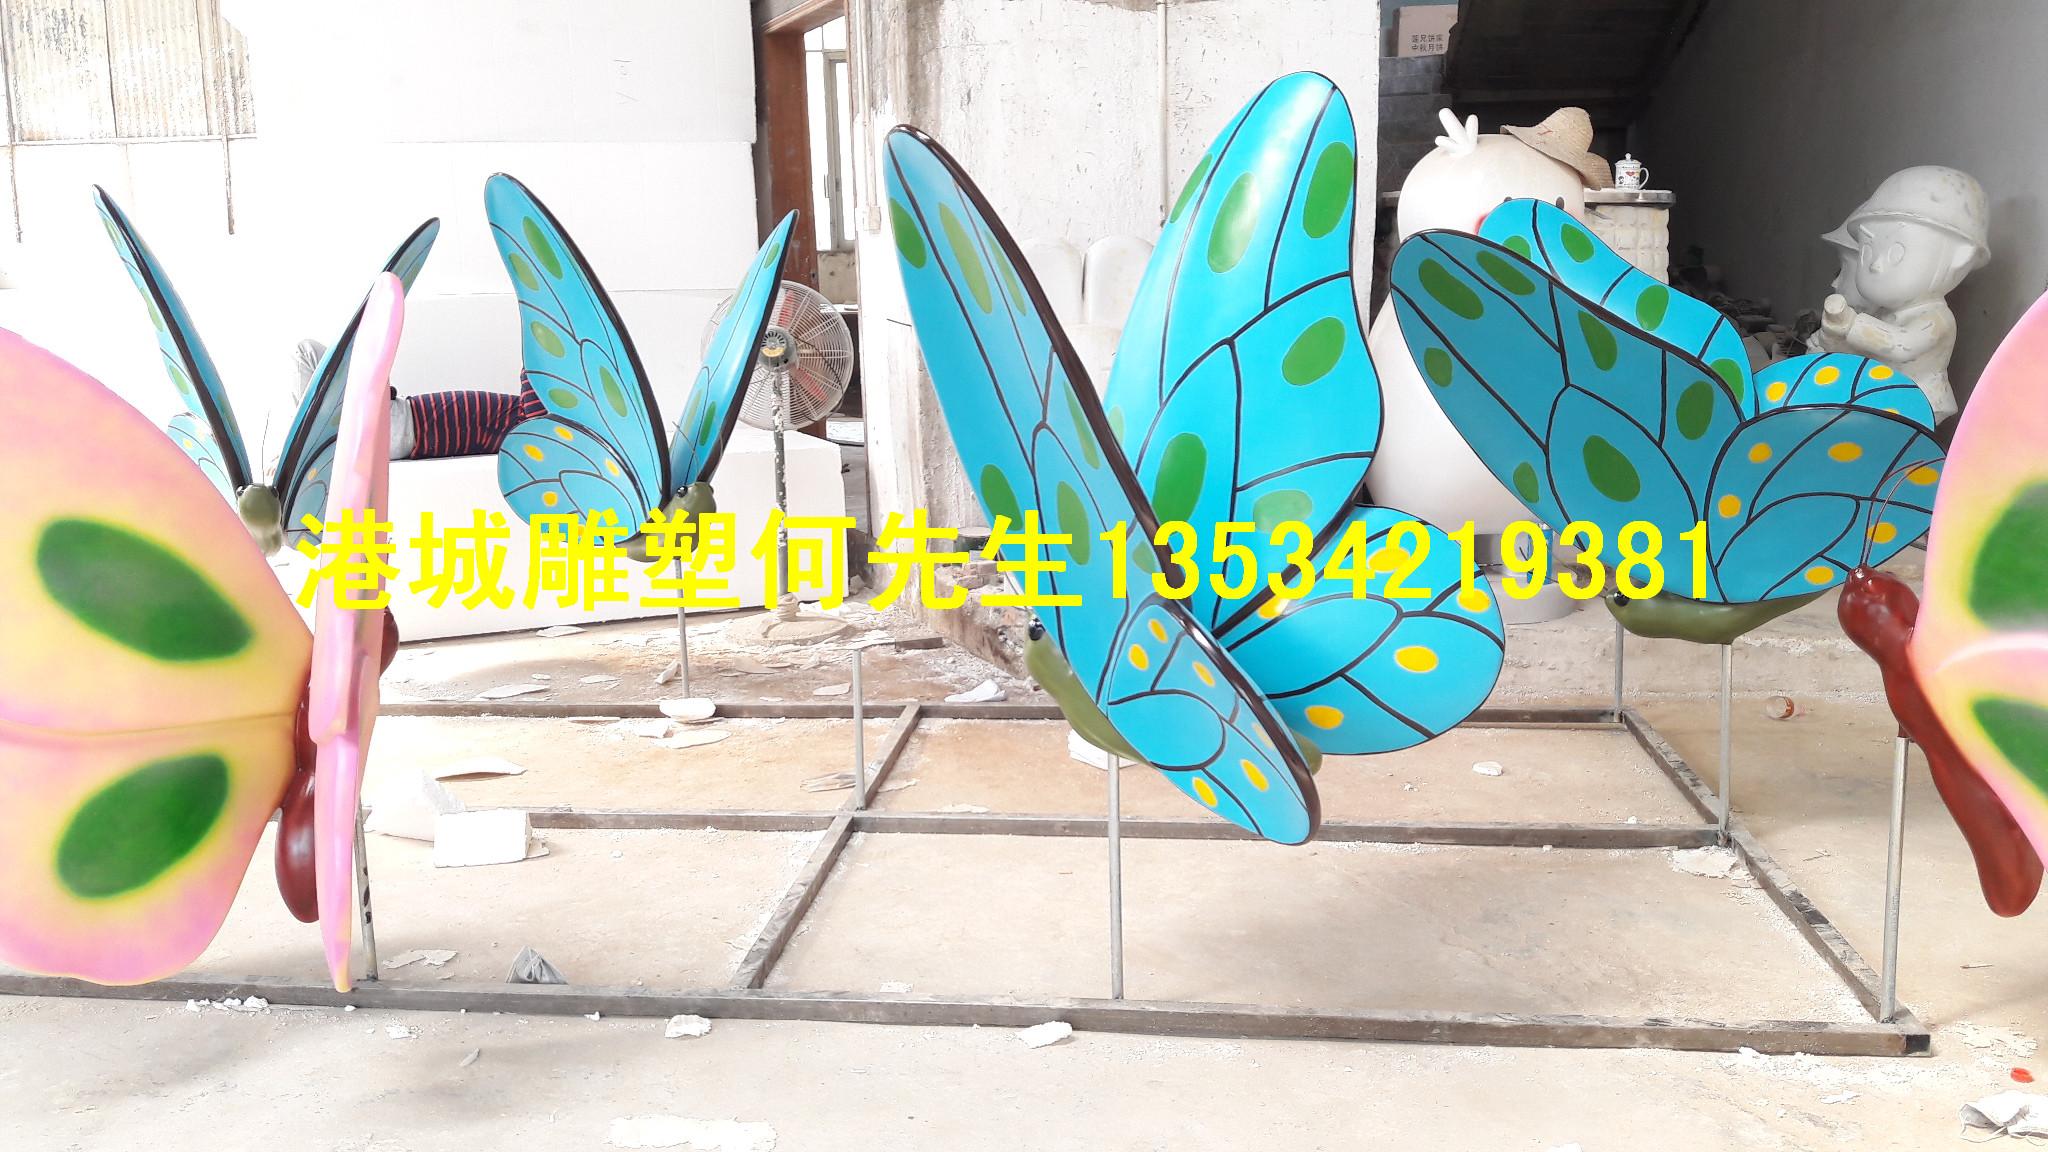 厂家直销绿地装饰玻璃钢蝴蝶雕塑模型摆件